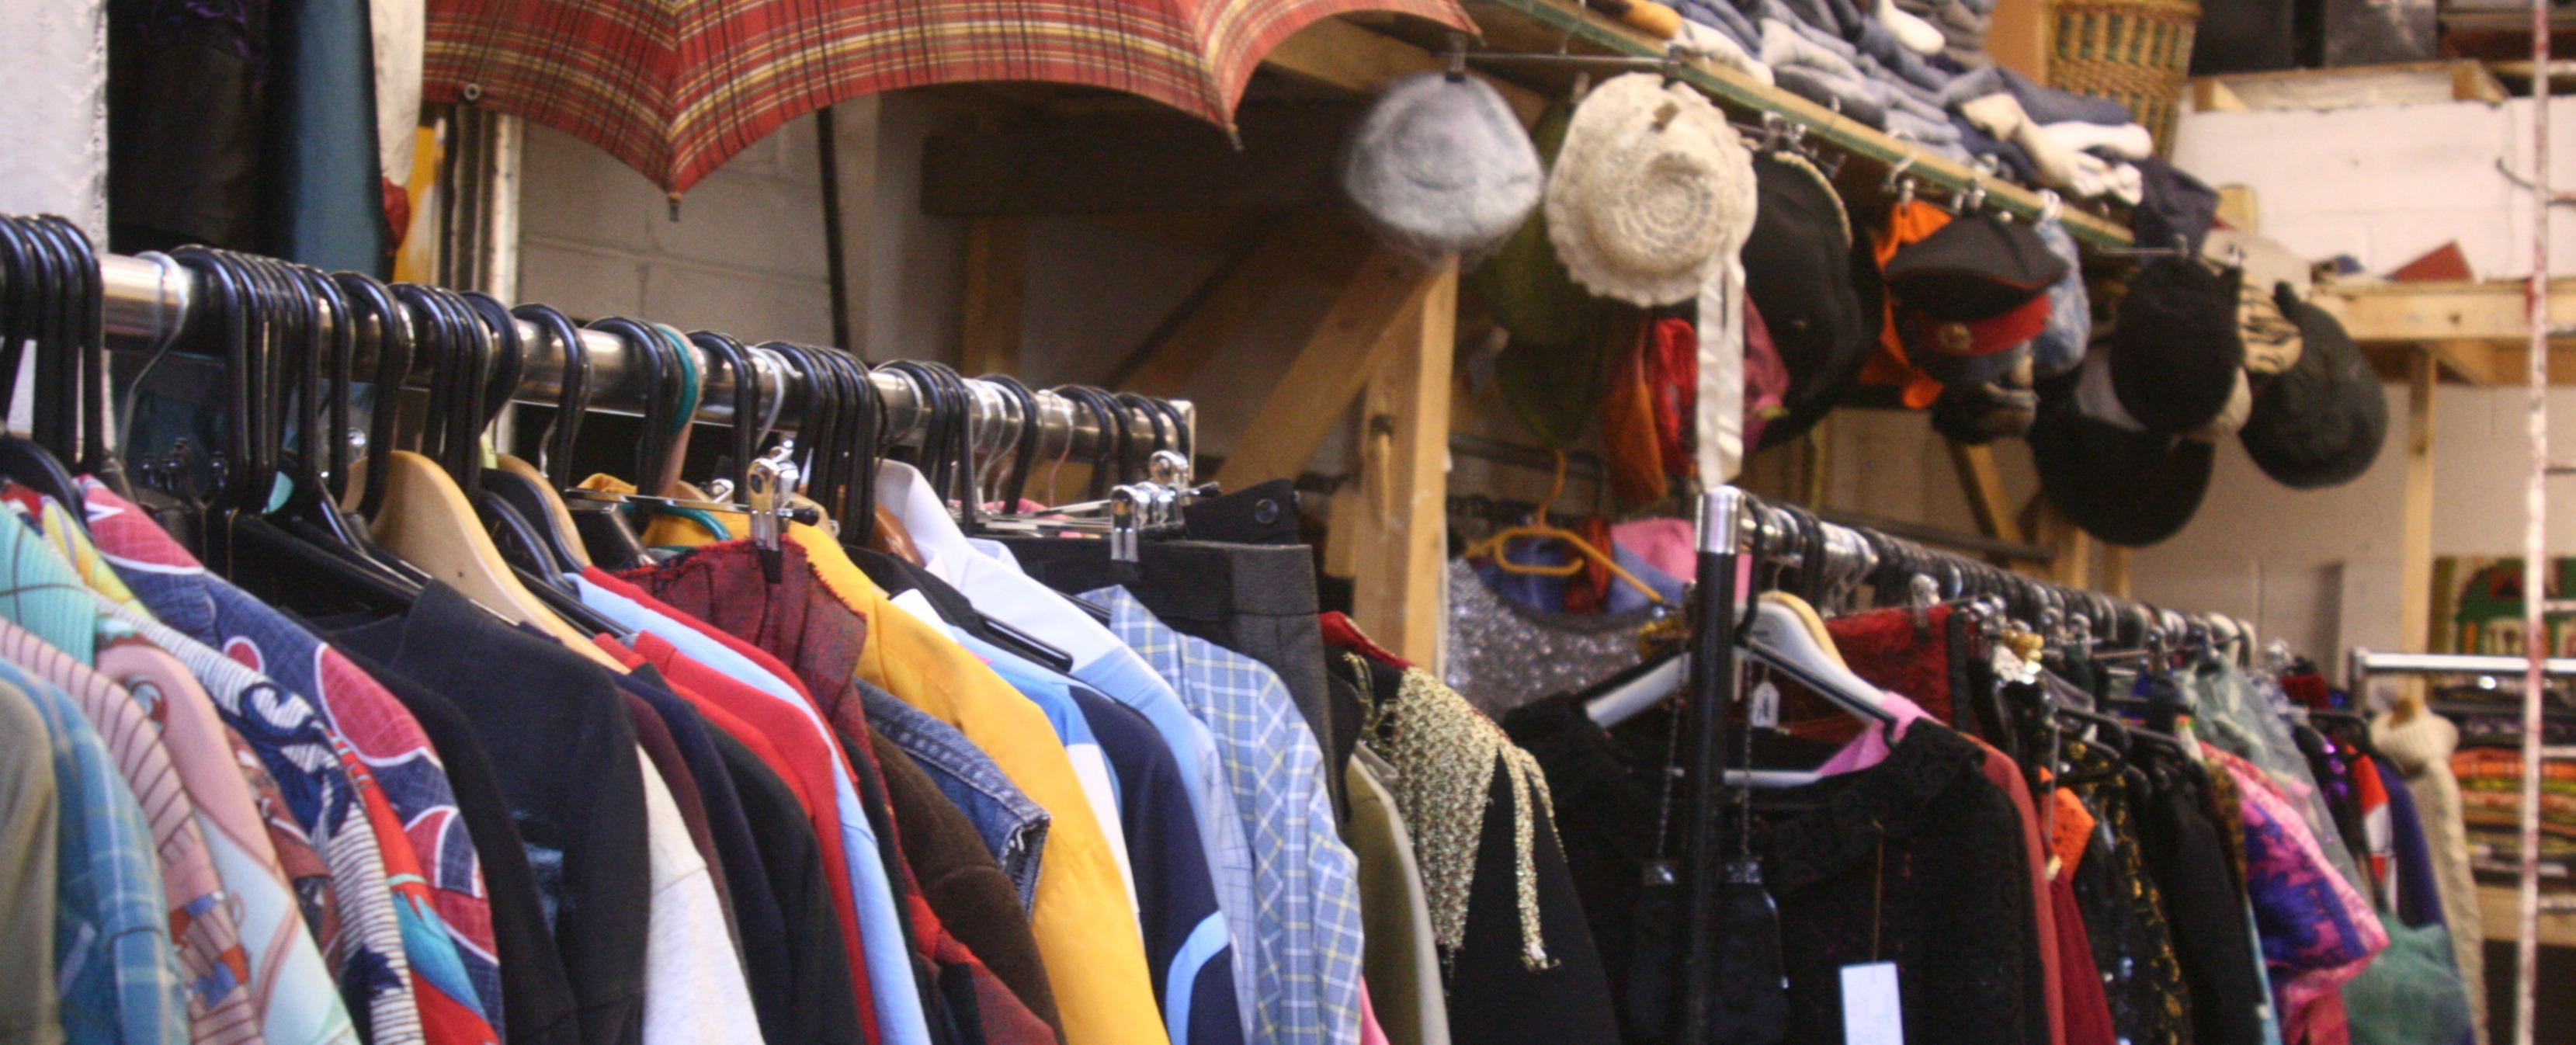 Dash.com clothing store